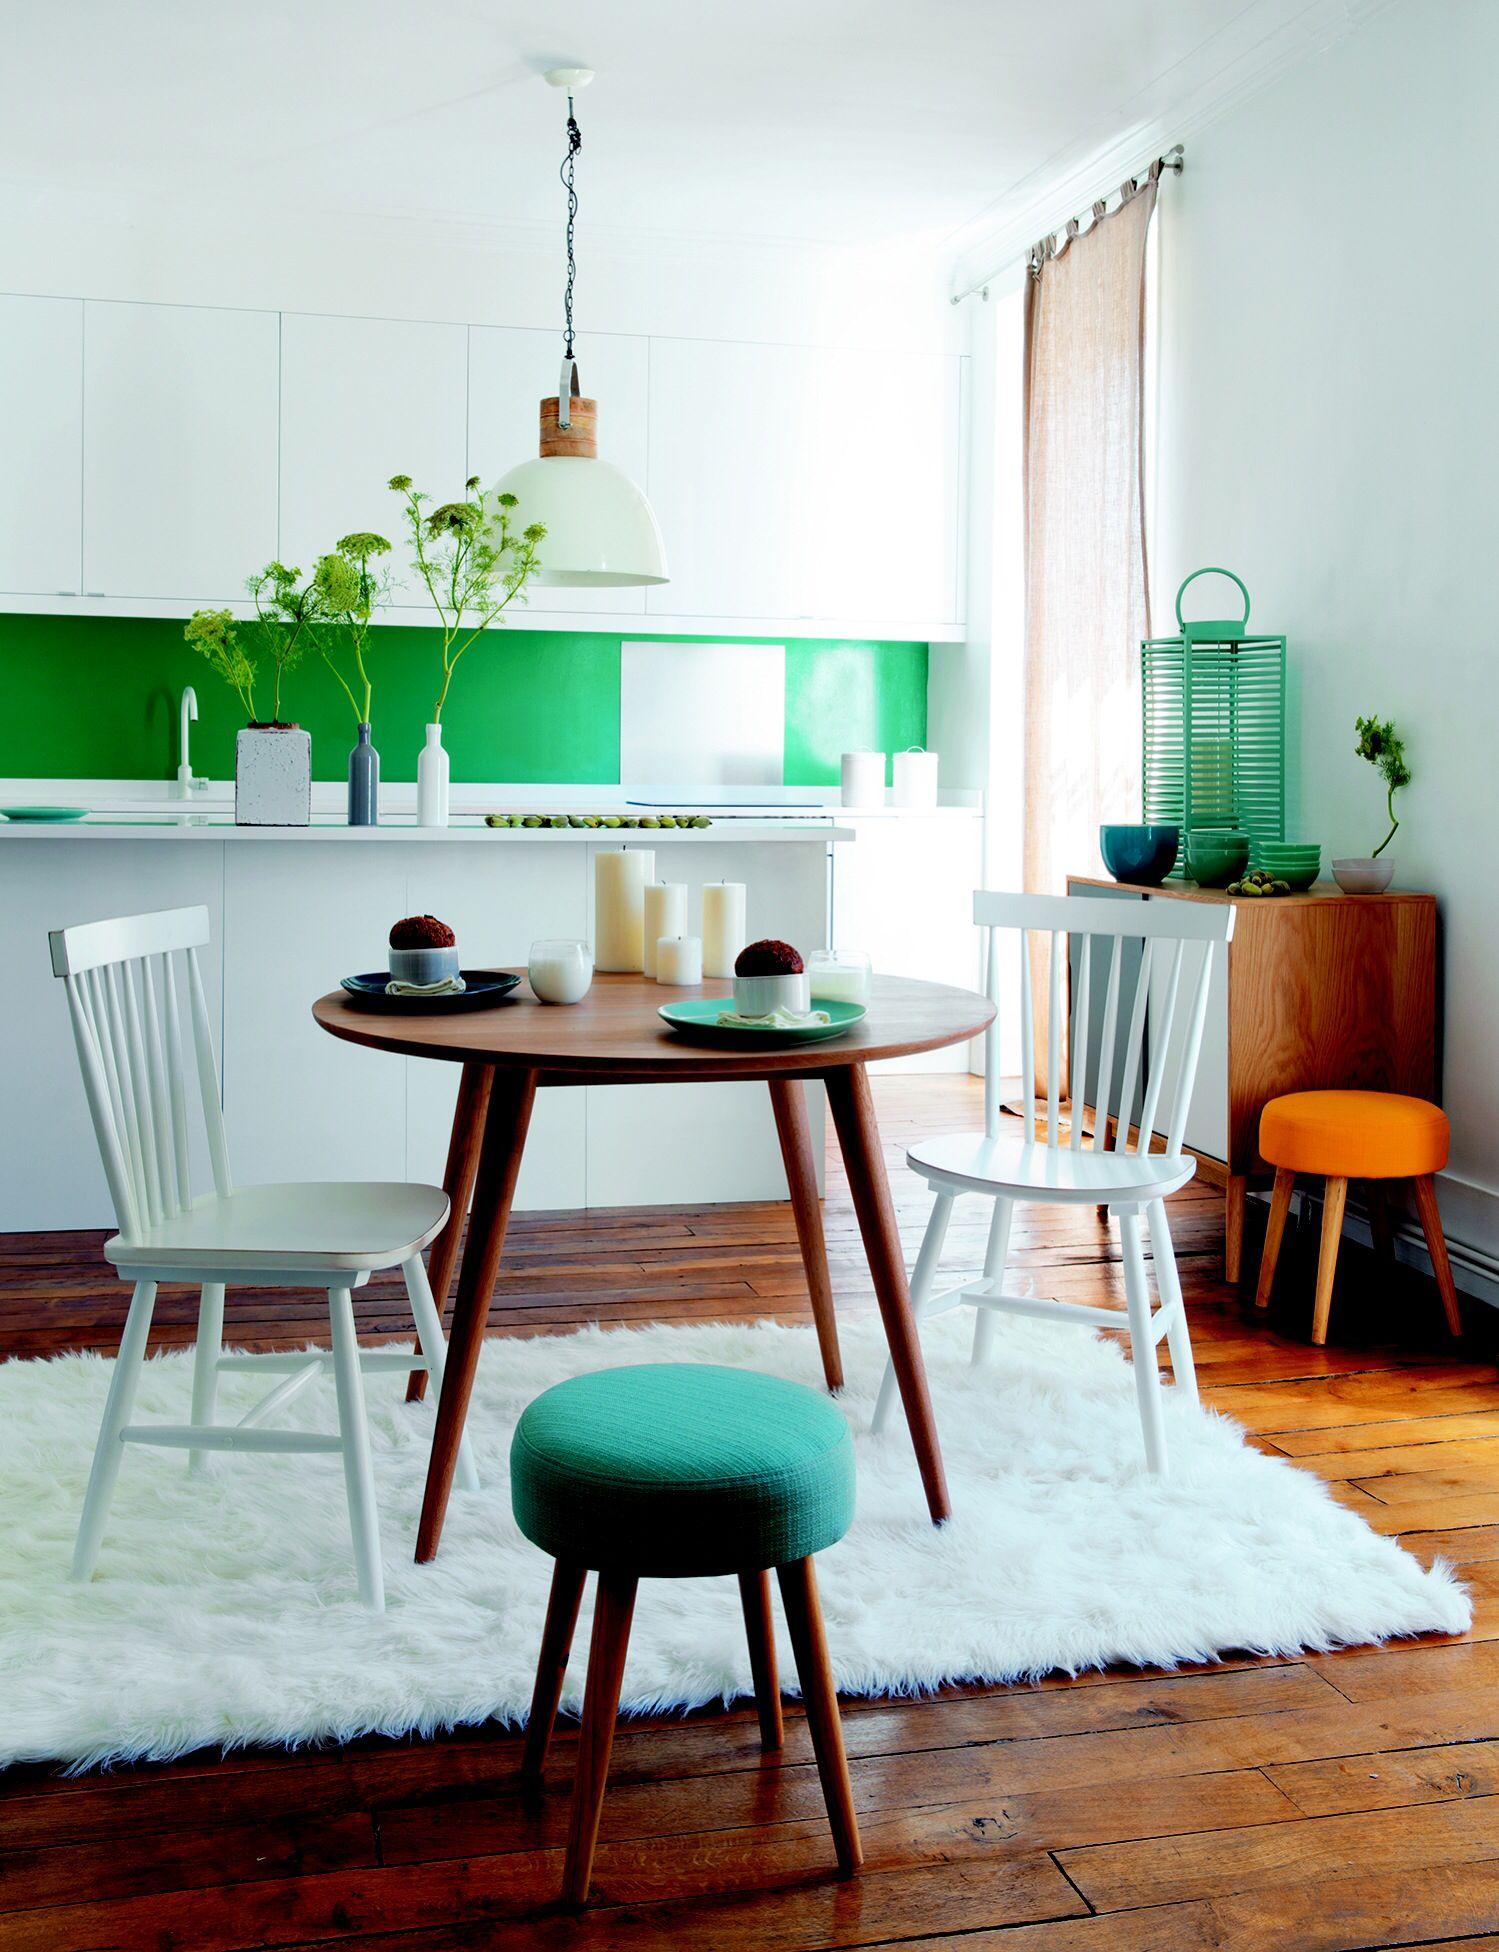 Küche, Teppich Fell, grün, Stühle weiß, Holztisch rund